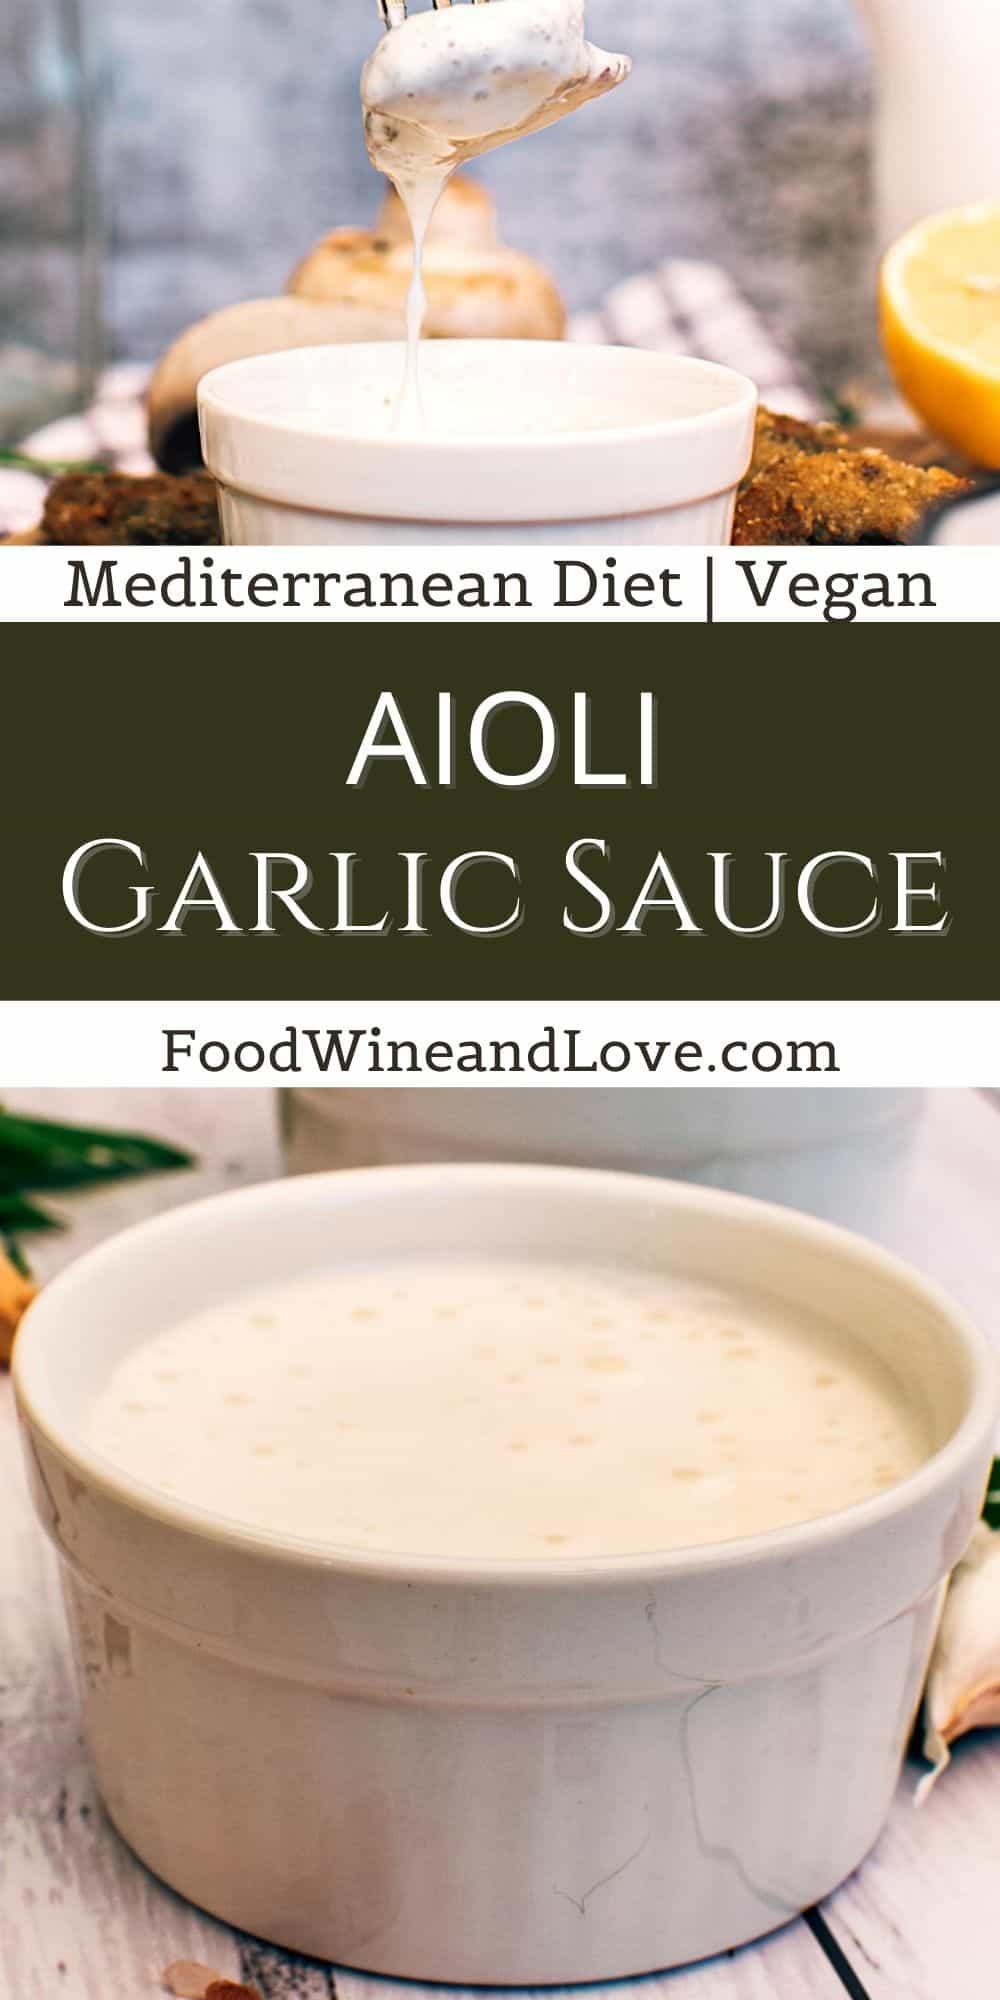 Vegan Mediterranean Diet Aioli Garlic Sauce